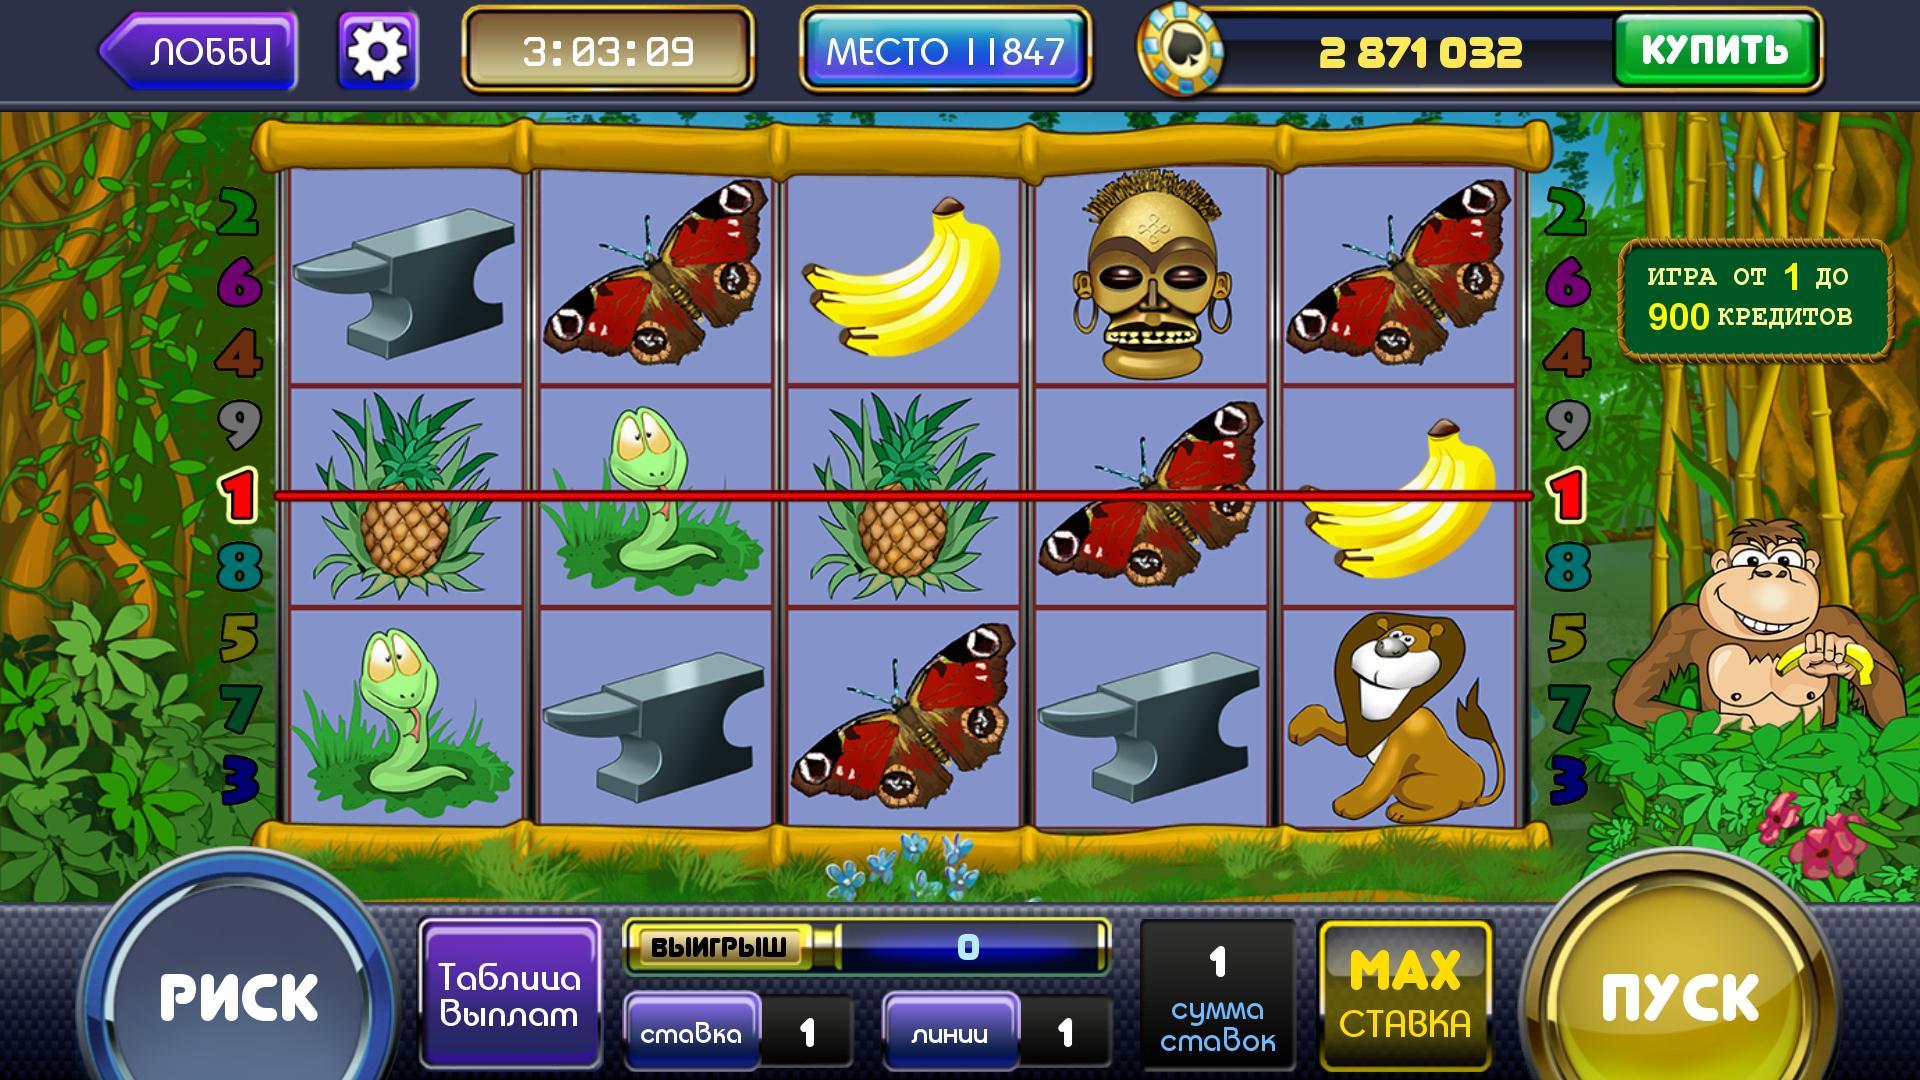 Игровые автоматы обезьянки на андроид можно ли в электричке играть в карты